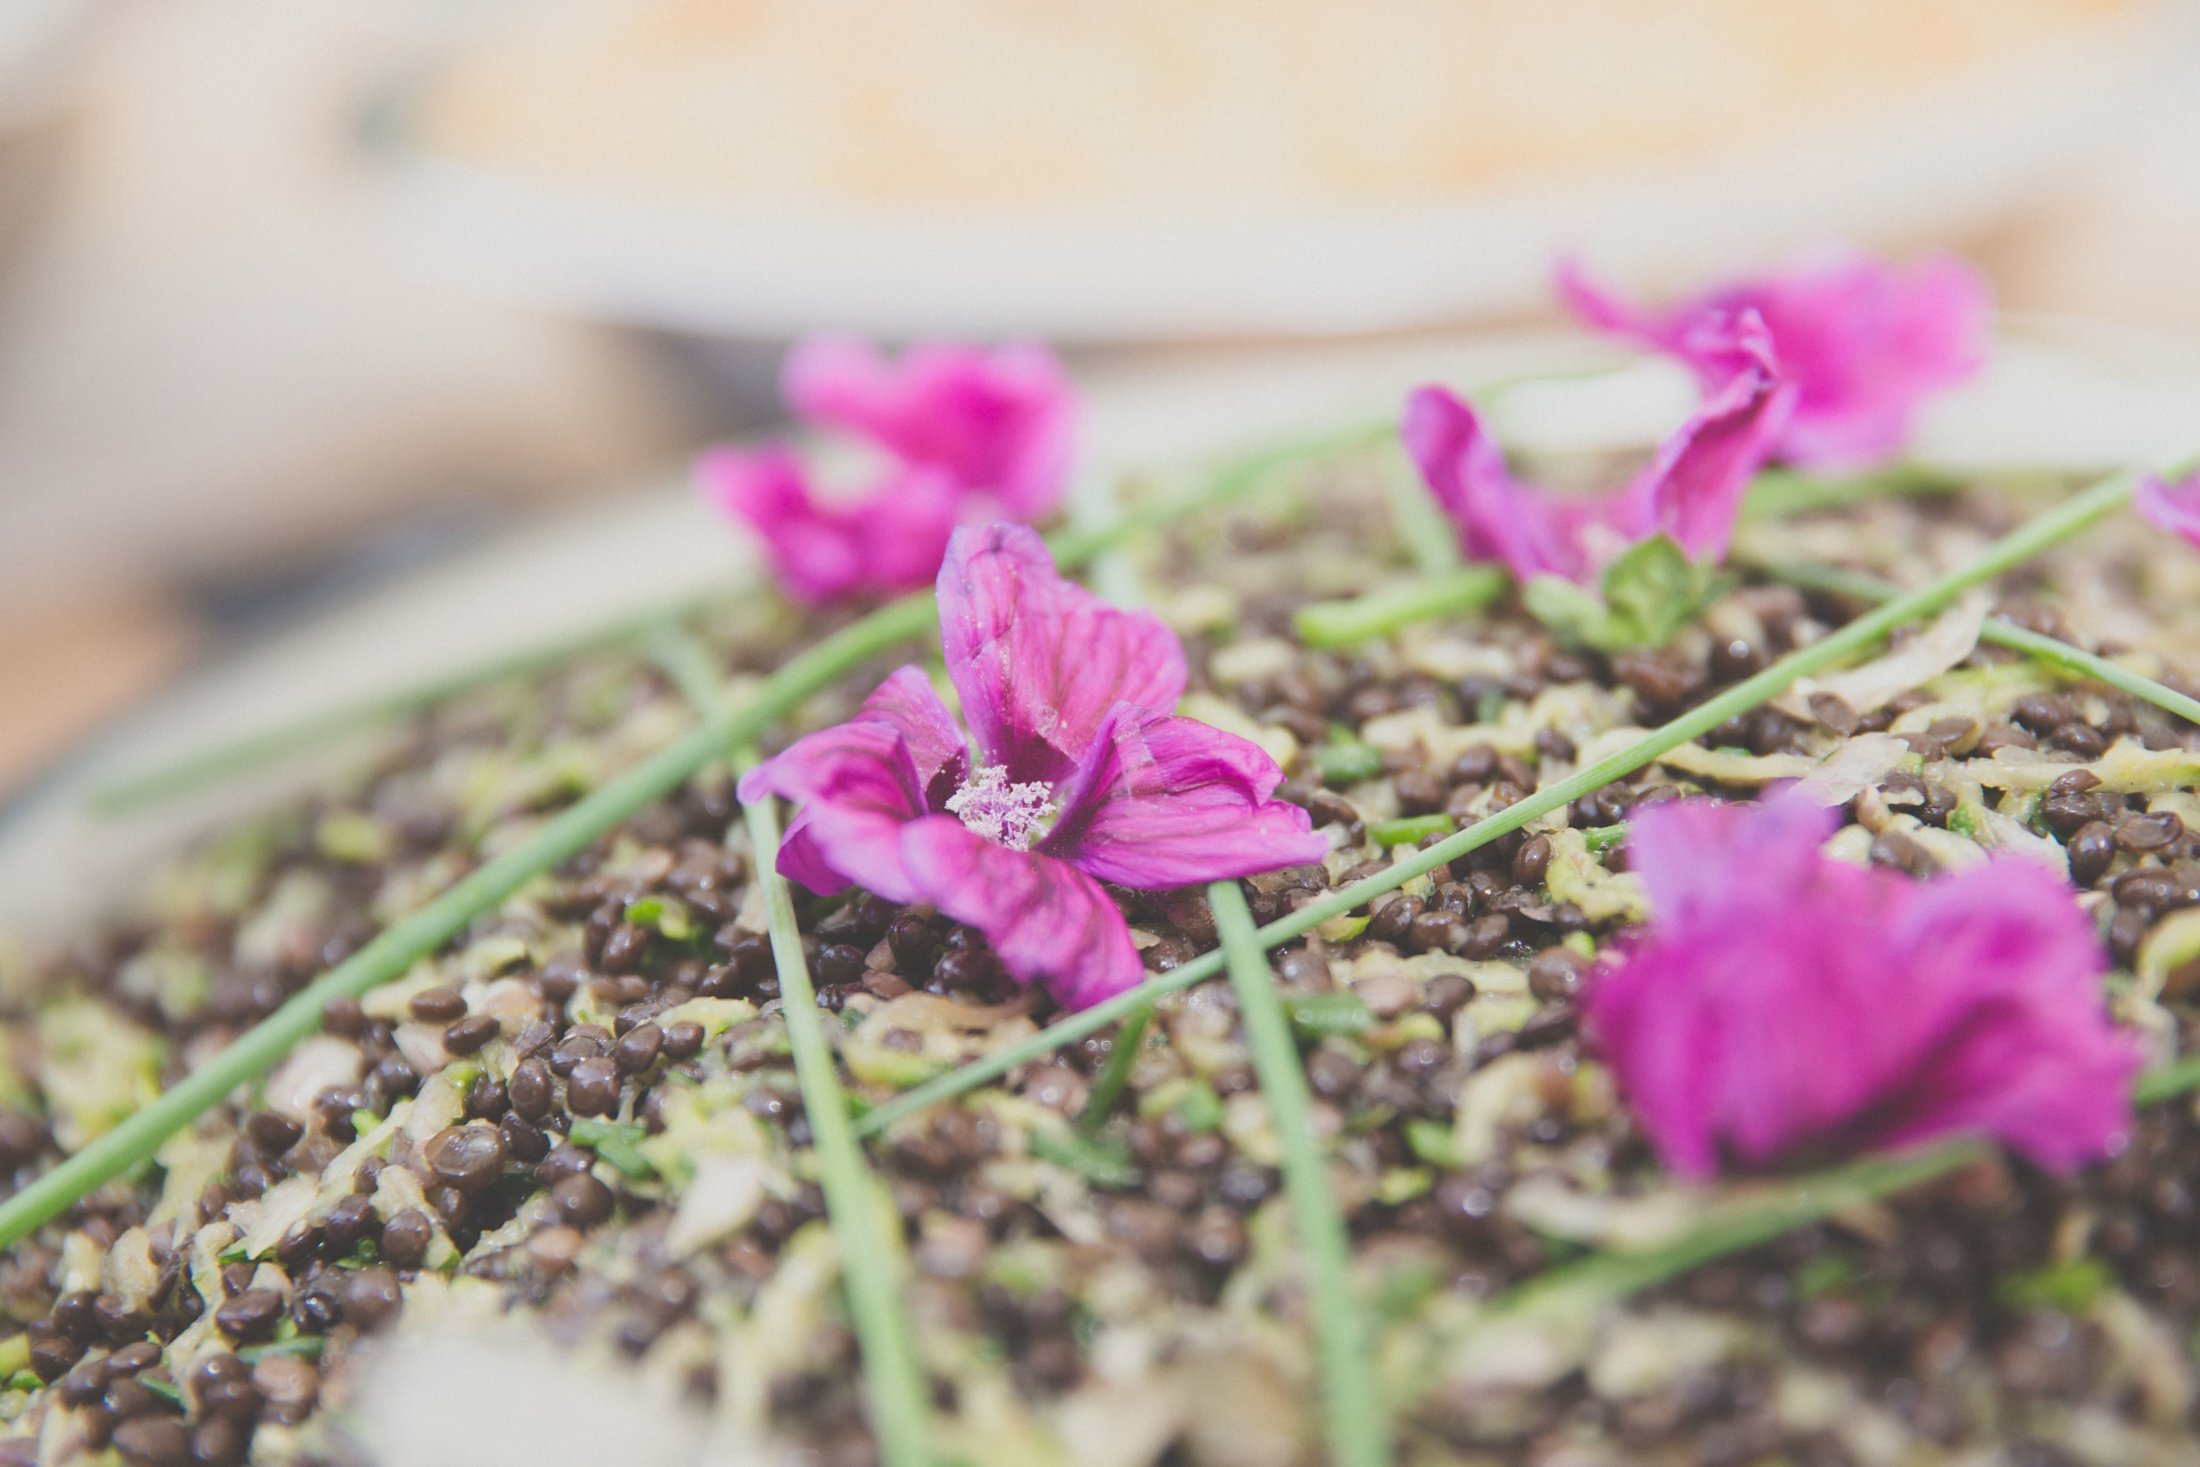 Traiteur_ethique-salade_lentilles_courgettes_fleur-mauve